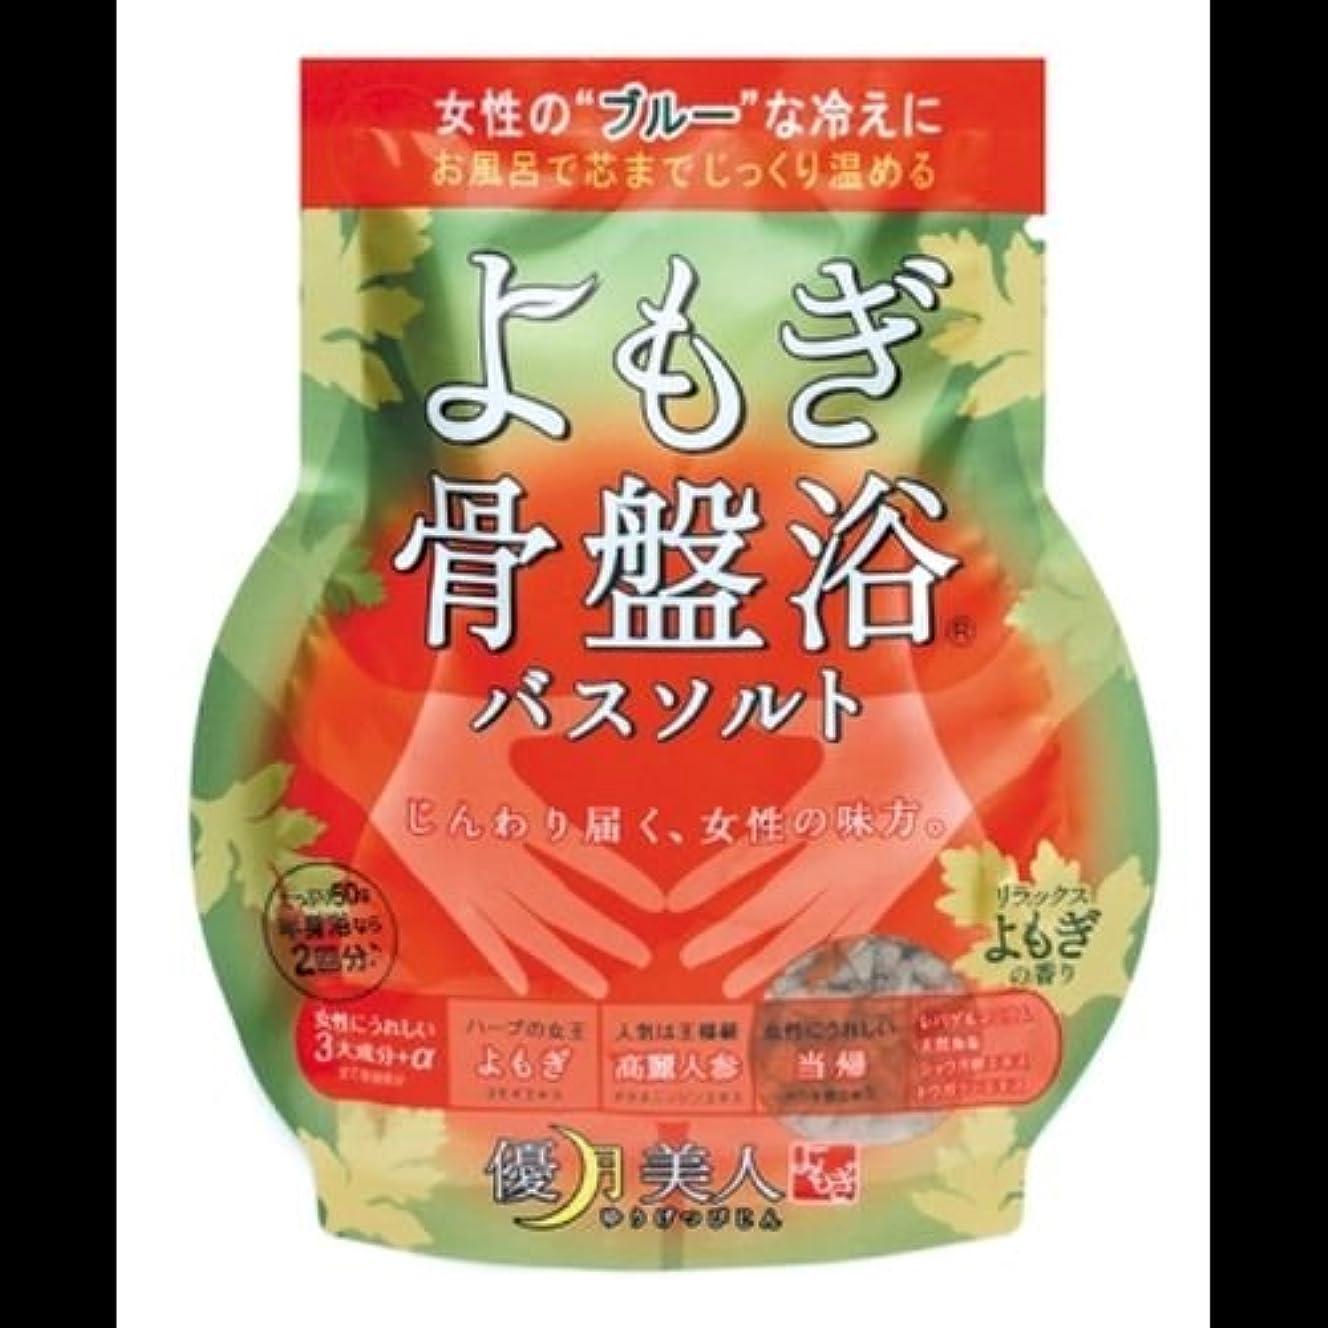 敵対的びんバズ【まとめ買い】優月美人 バスソルト よもぎの香り 50g ×2セット